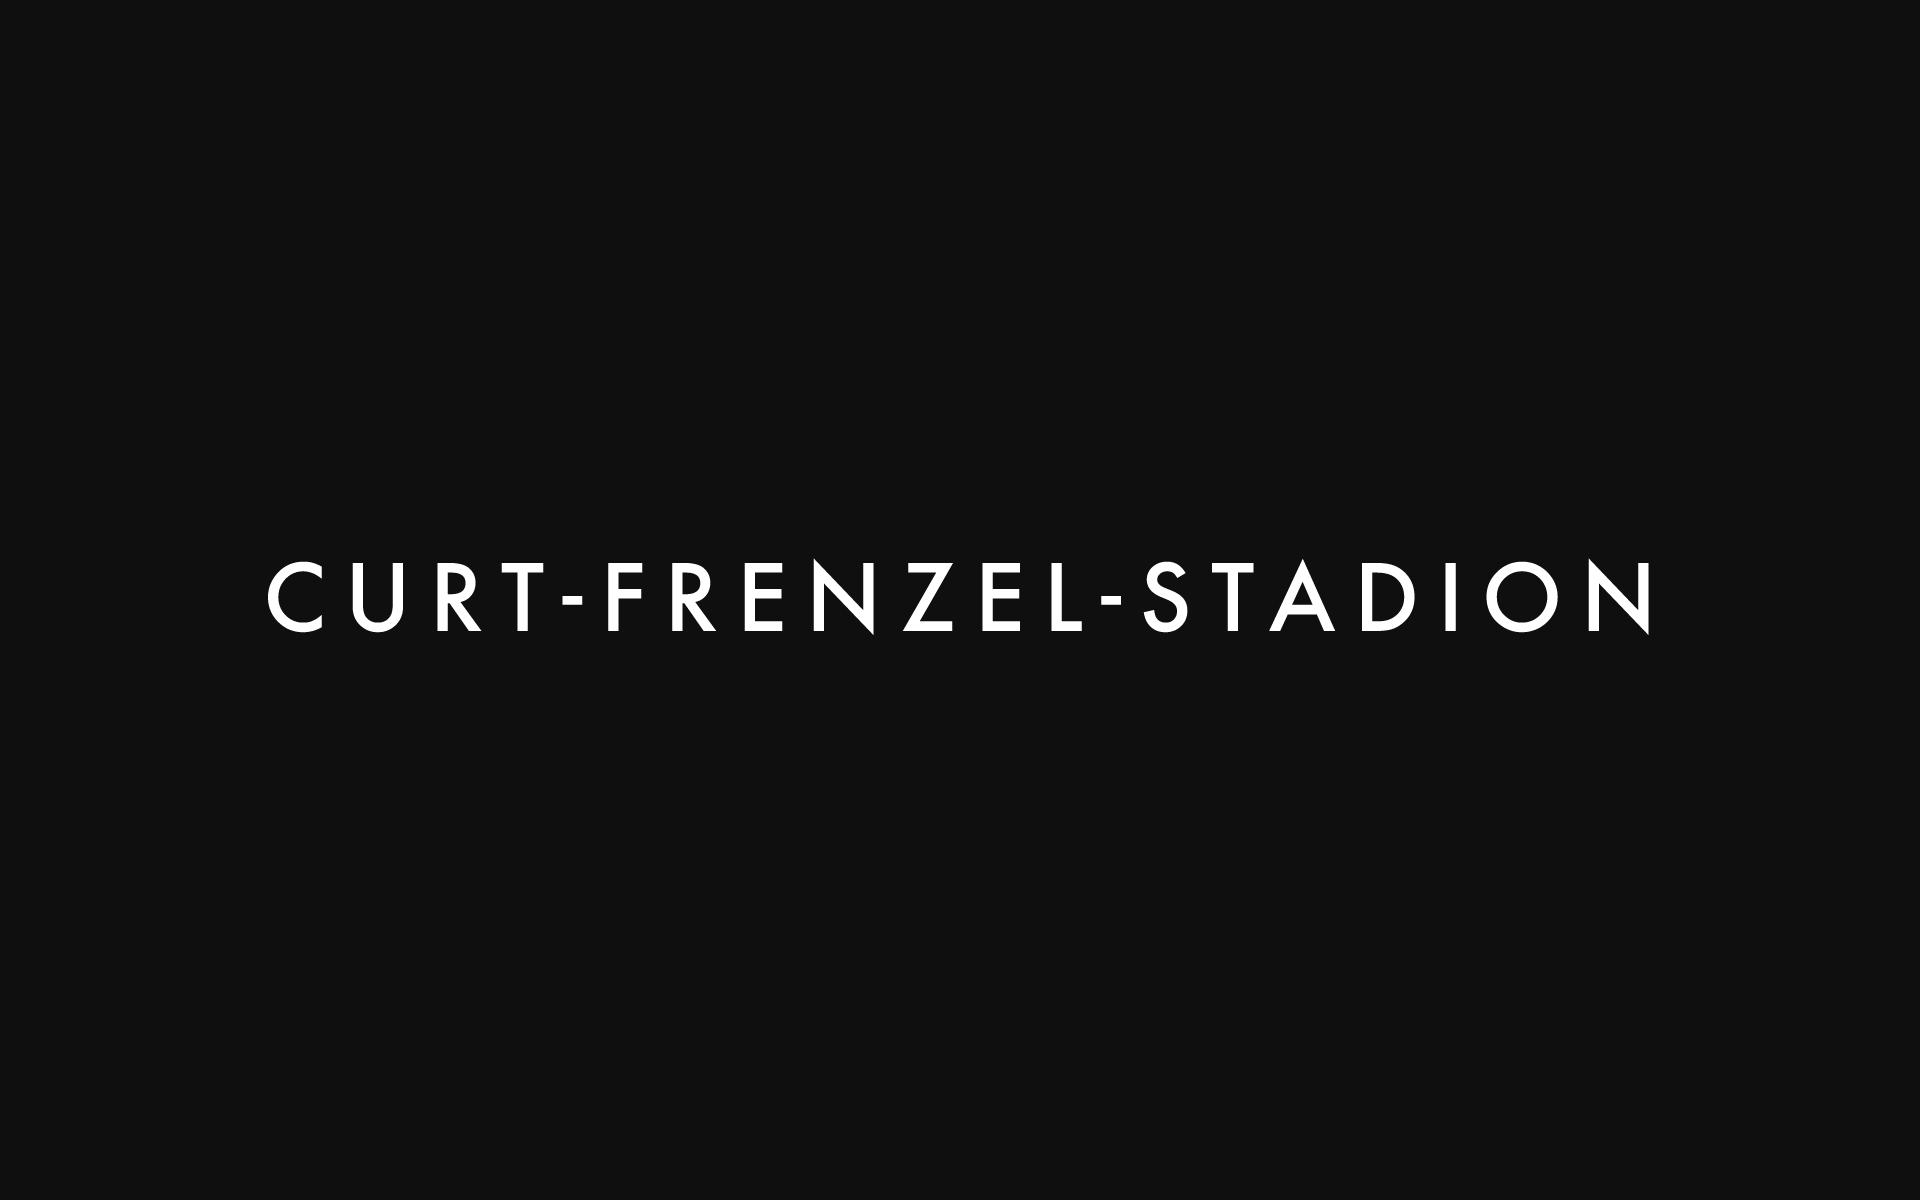 Stadt Augsburg, Schriftzug Curt-Frenzel-Stadion.